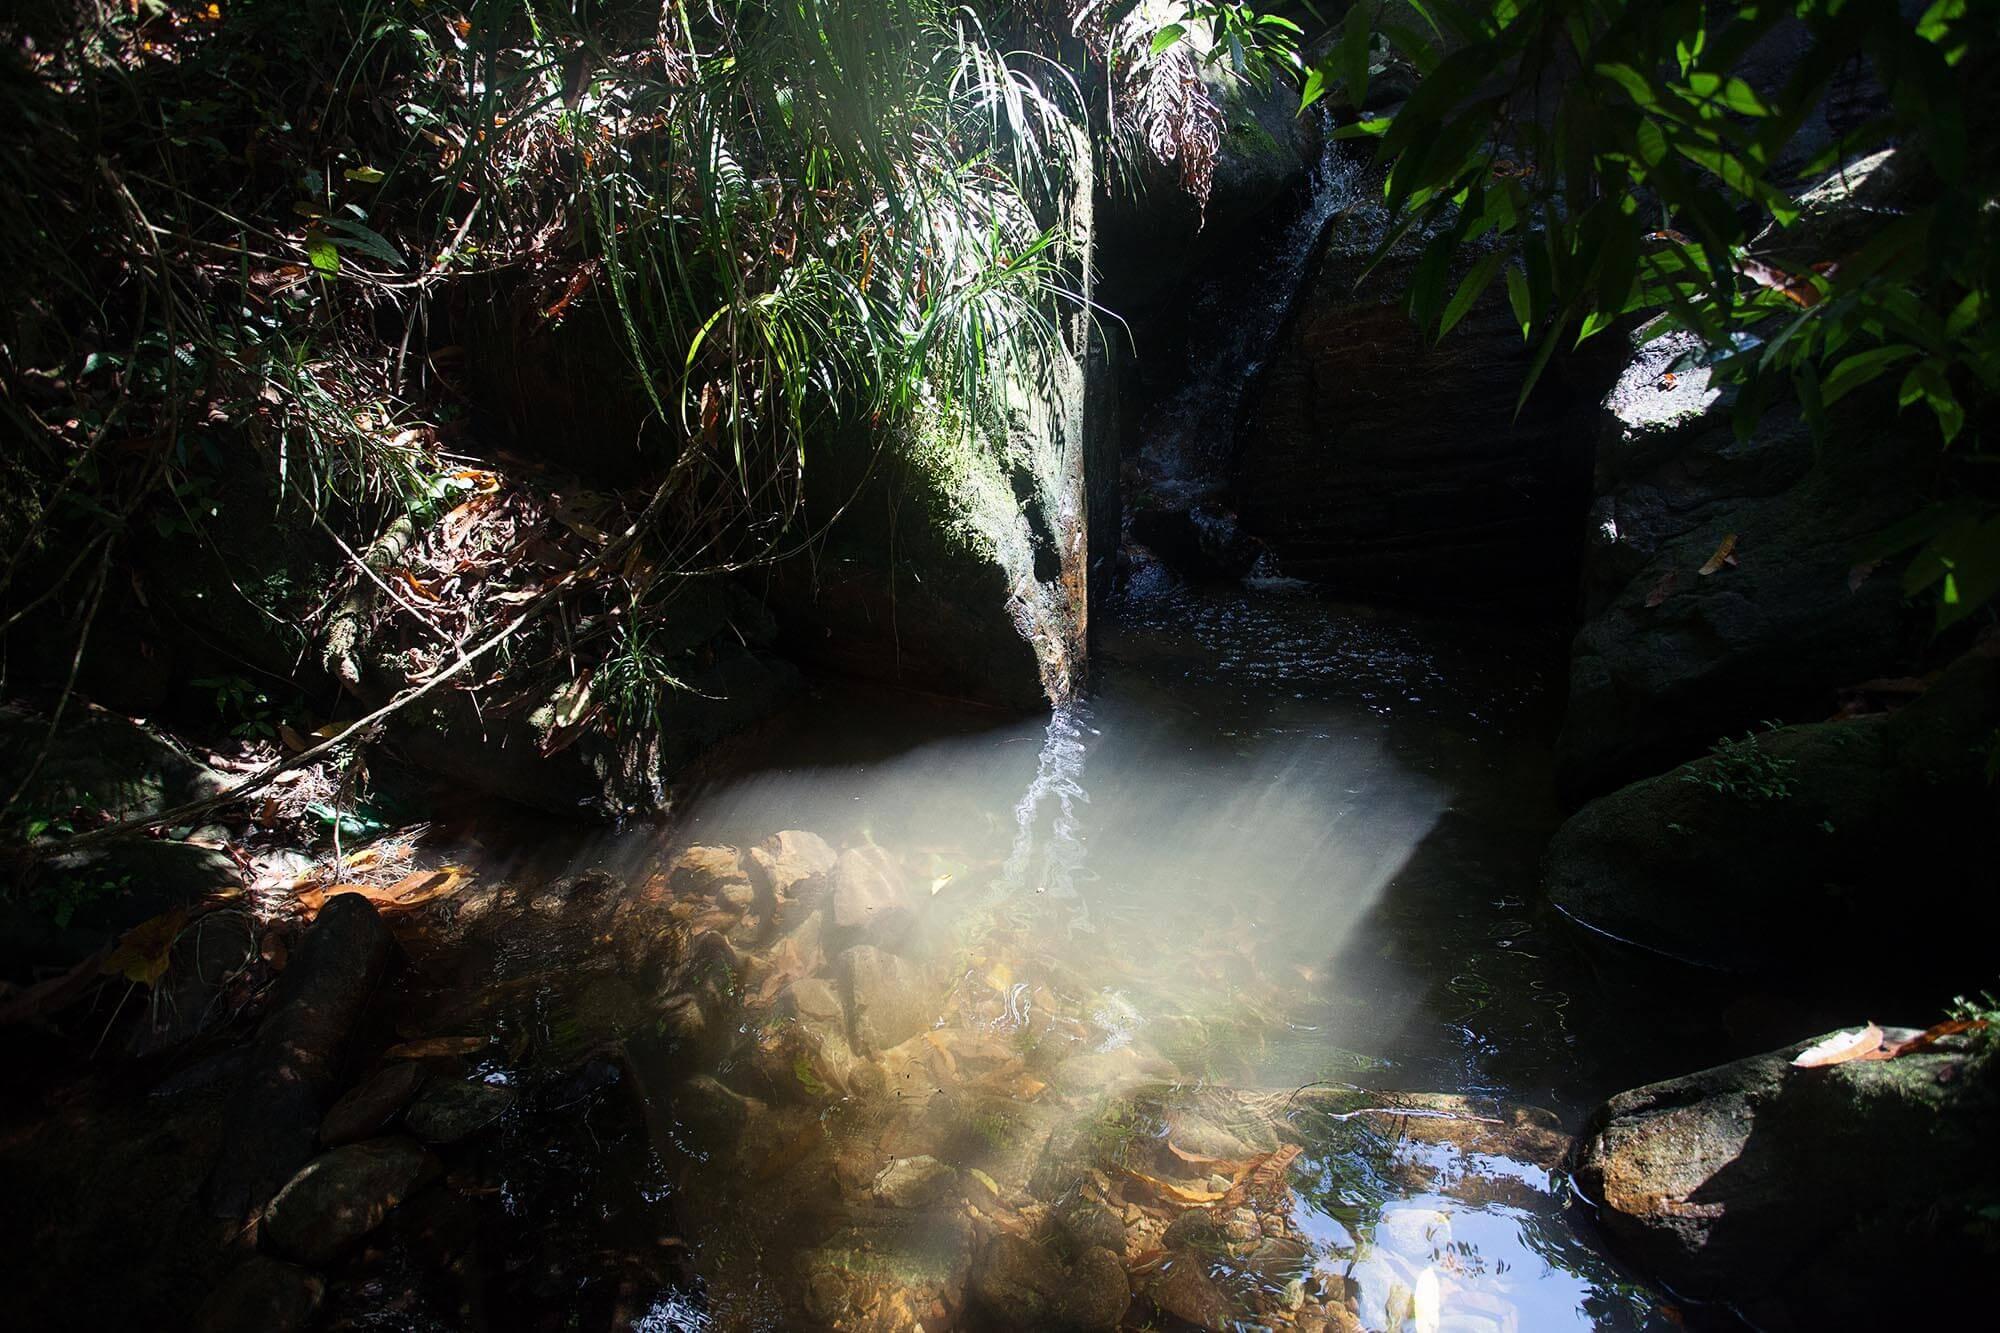 Wodospad z zimną wodą.